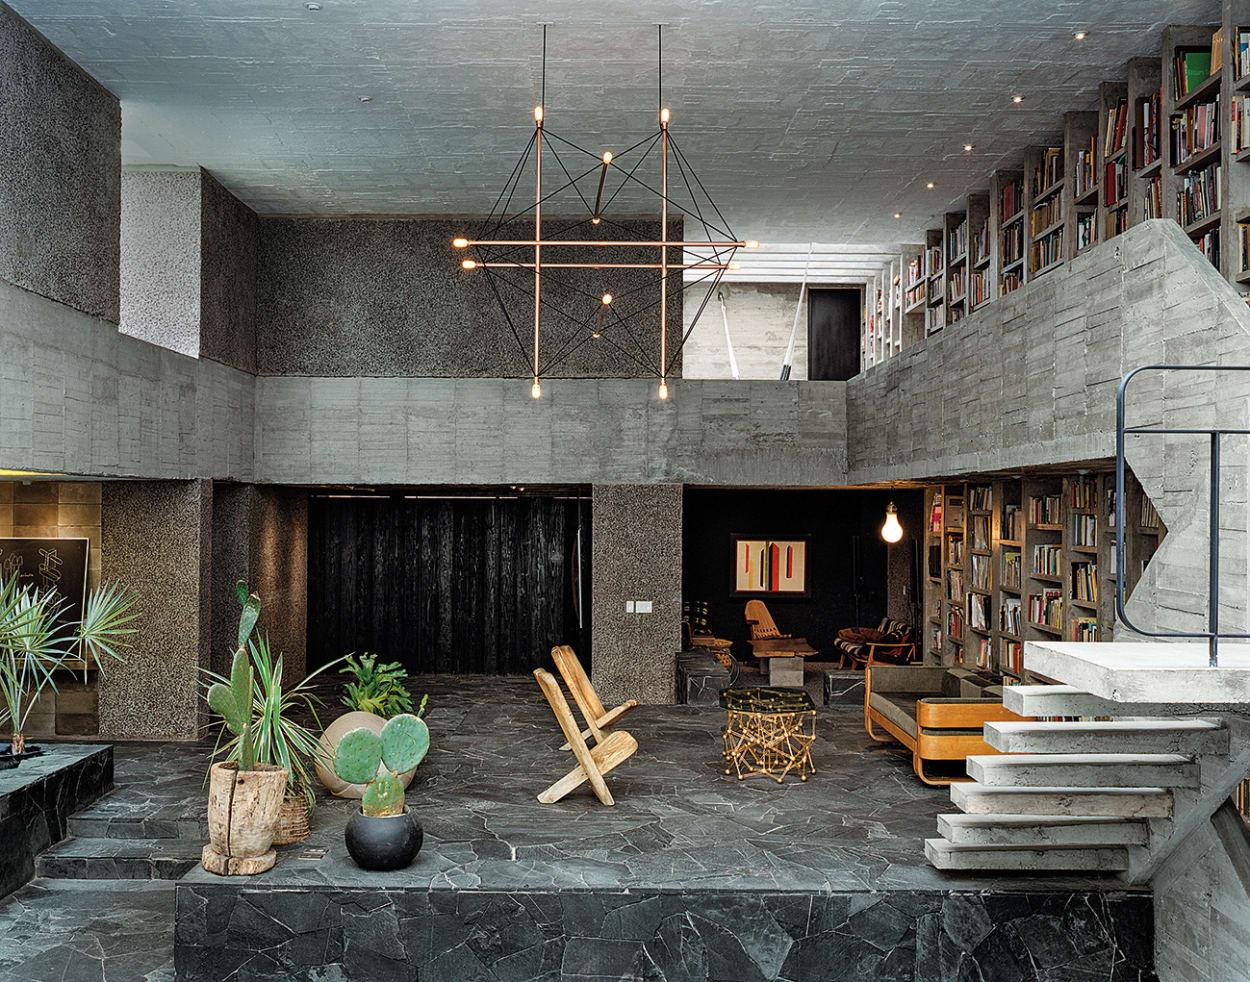 Beton-Haus, Mexico City Beton-Haus, Pedro Reyes Wohn-Haus